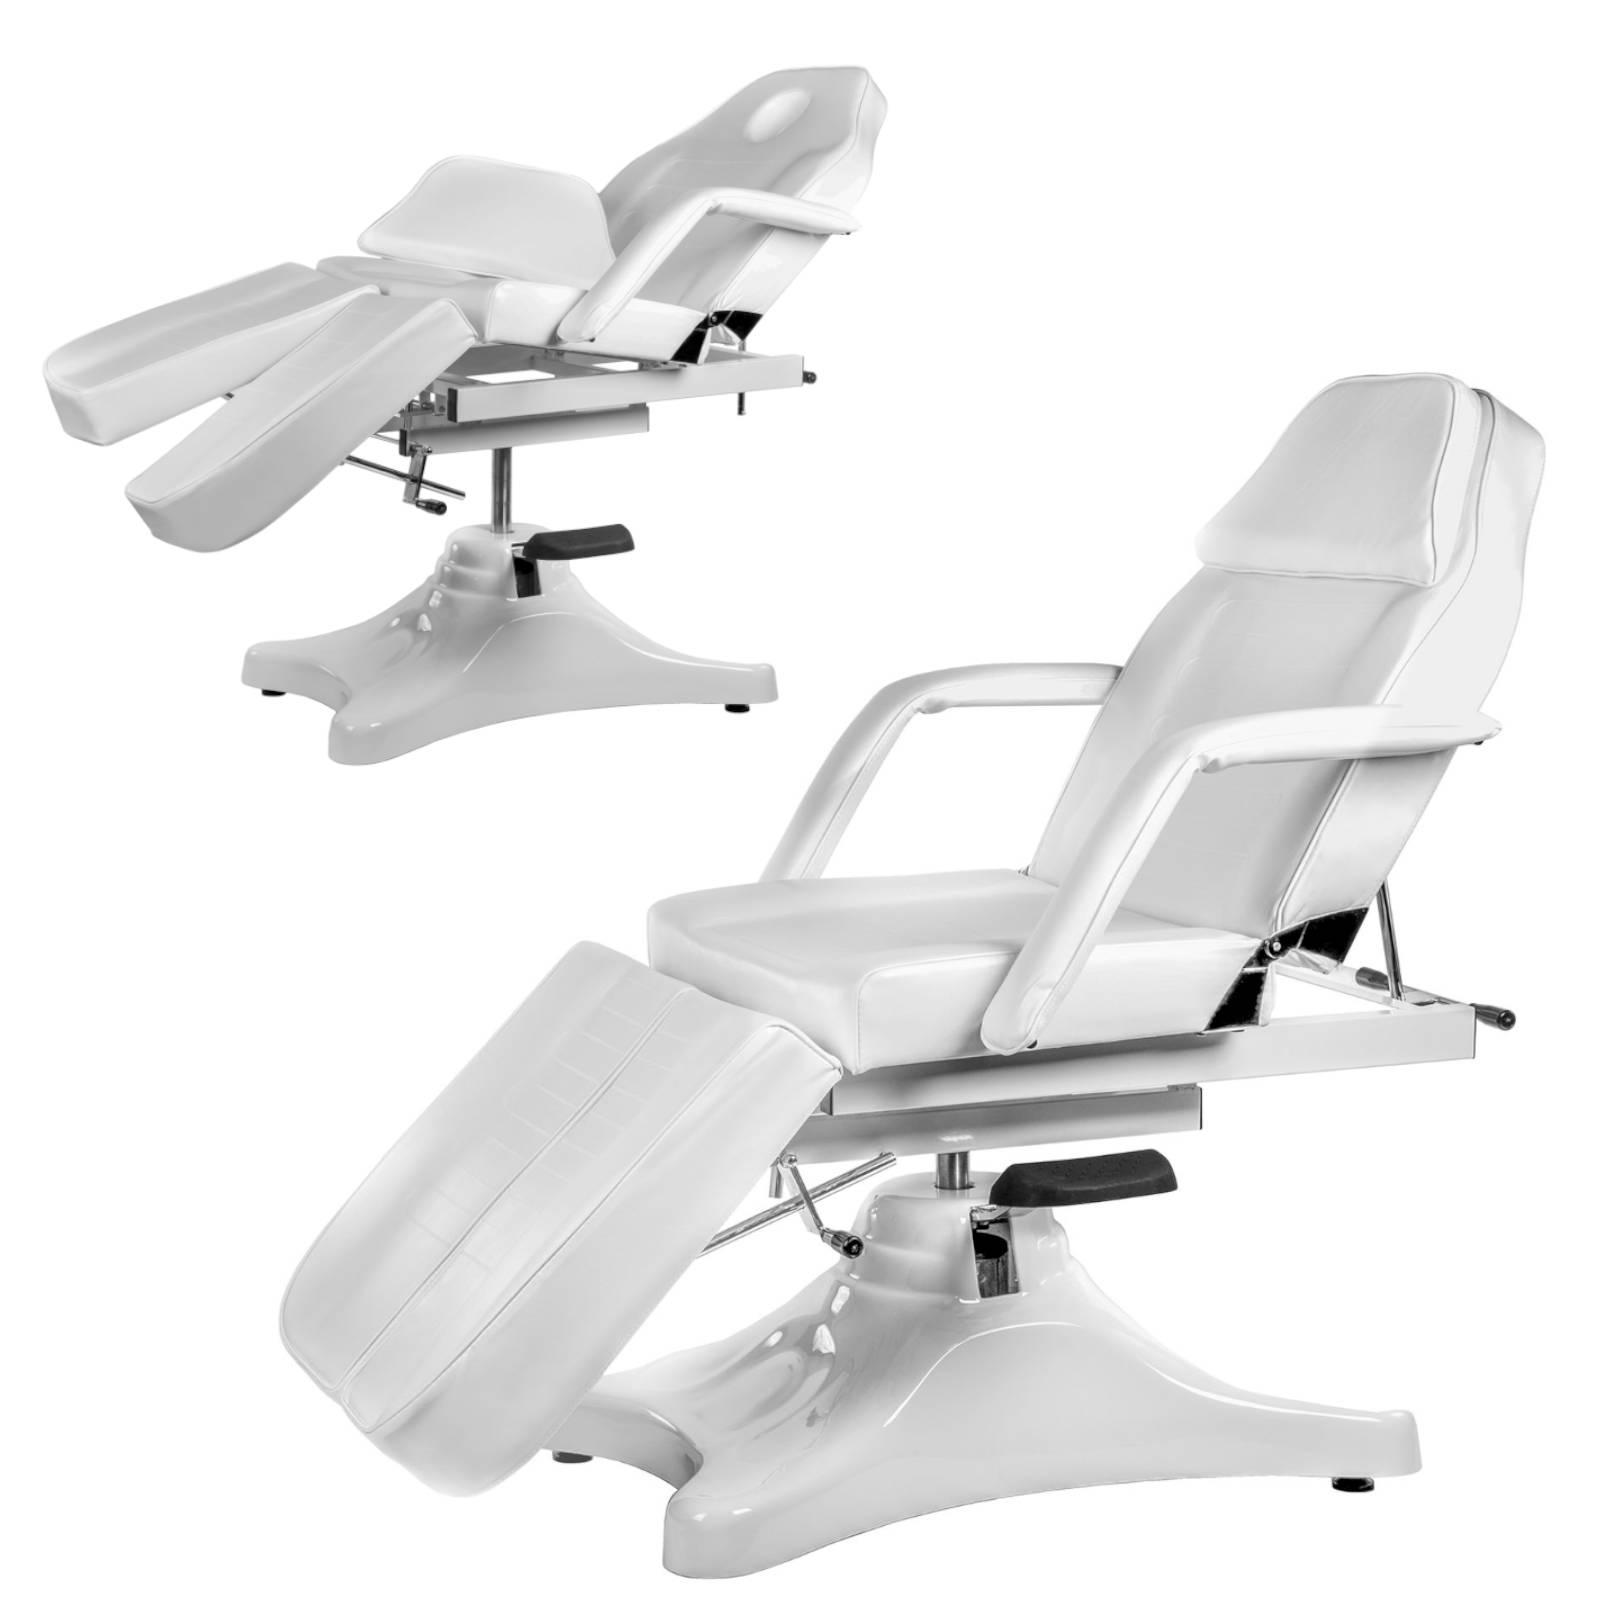 Fotel Kosmetyczny łóżko Kosmetyczne Pedicure Spa Hurtownia Tanio Cena